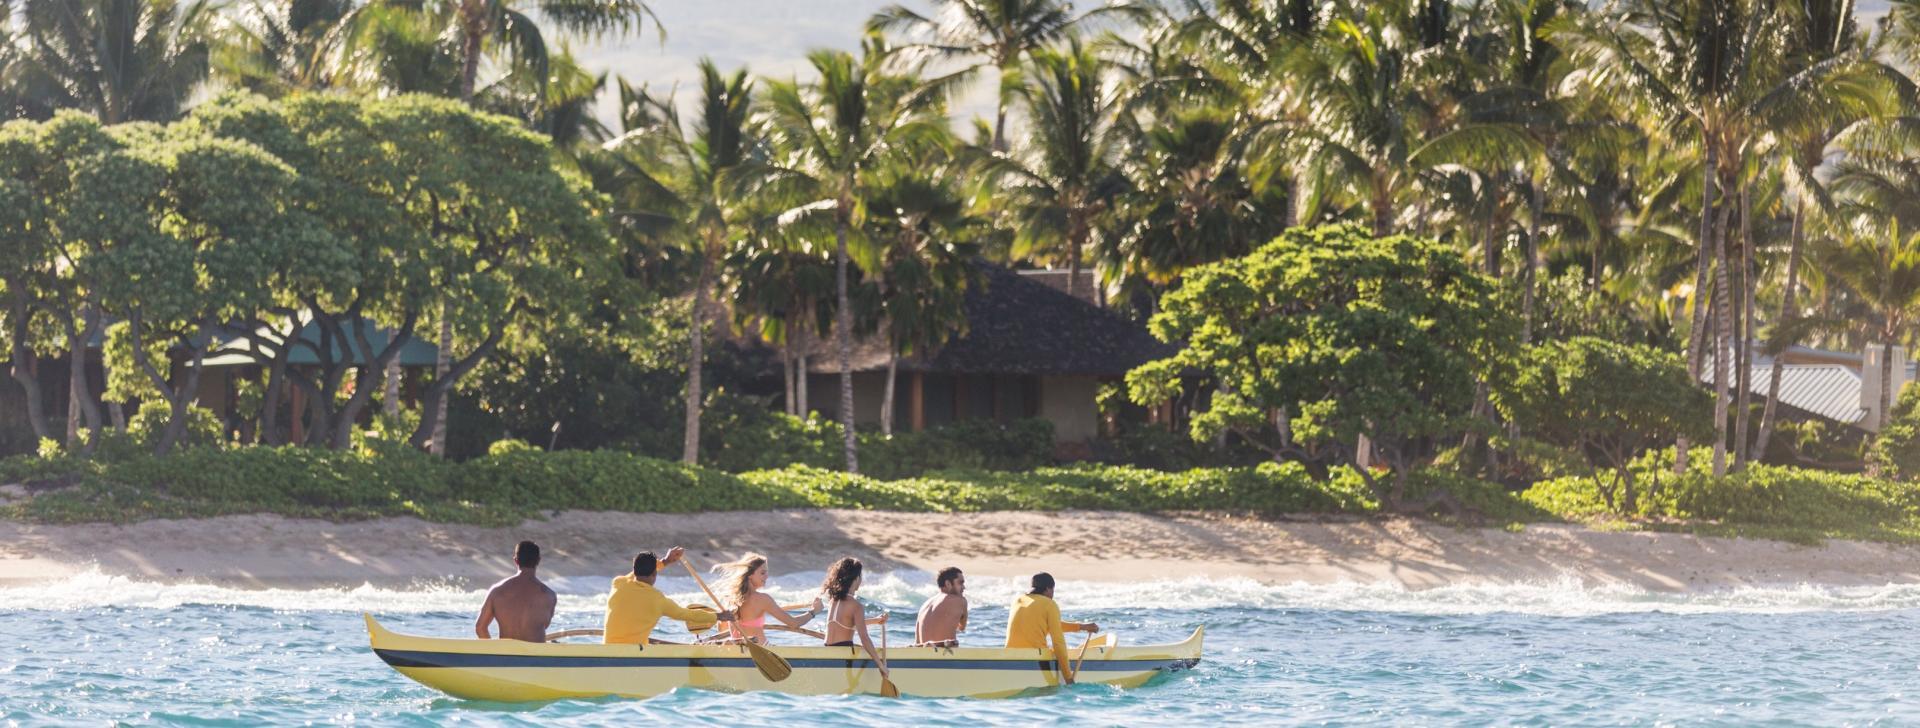 Group paddles at Uluweuweu, North Kona Coast